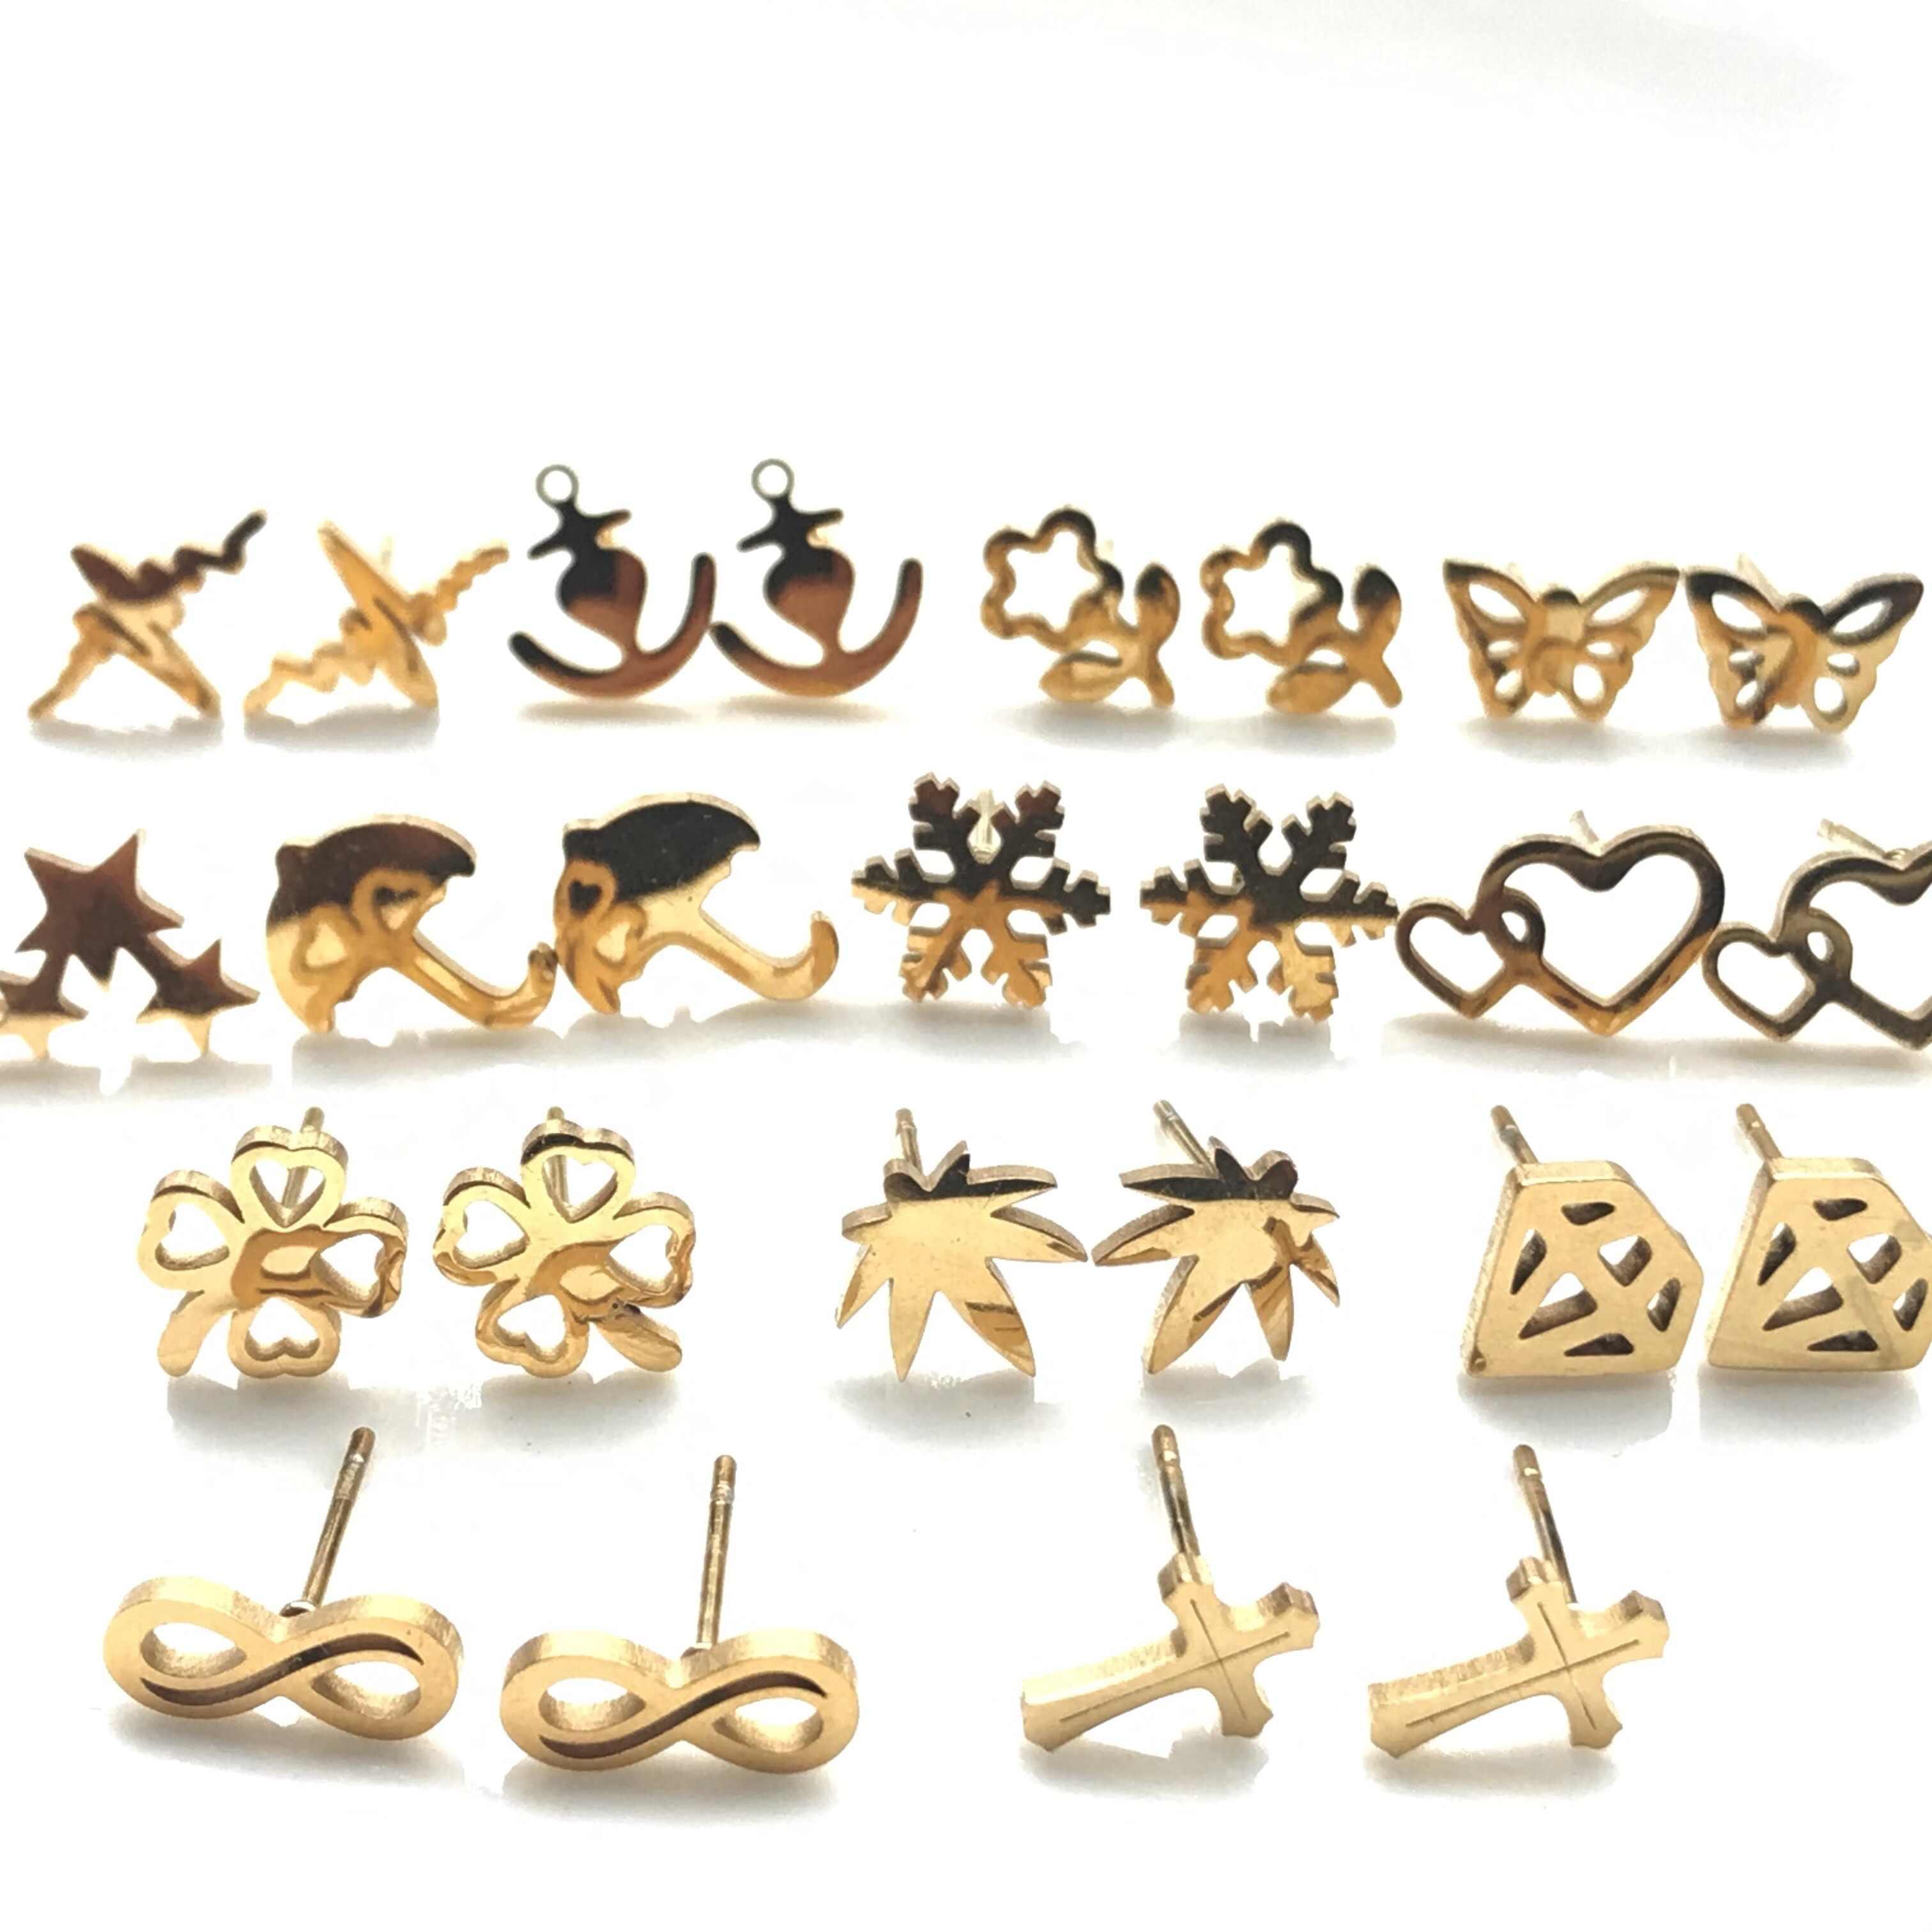 Nowe kolczyki kobiety moda klasyczny ze stali nierdzewnej stadniny kolczyki dla kobiet dziewczyn minimalistyczny koniczyna kolczyki krzyże biżuteria